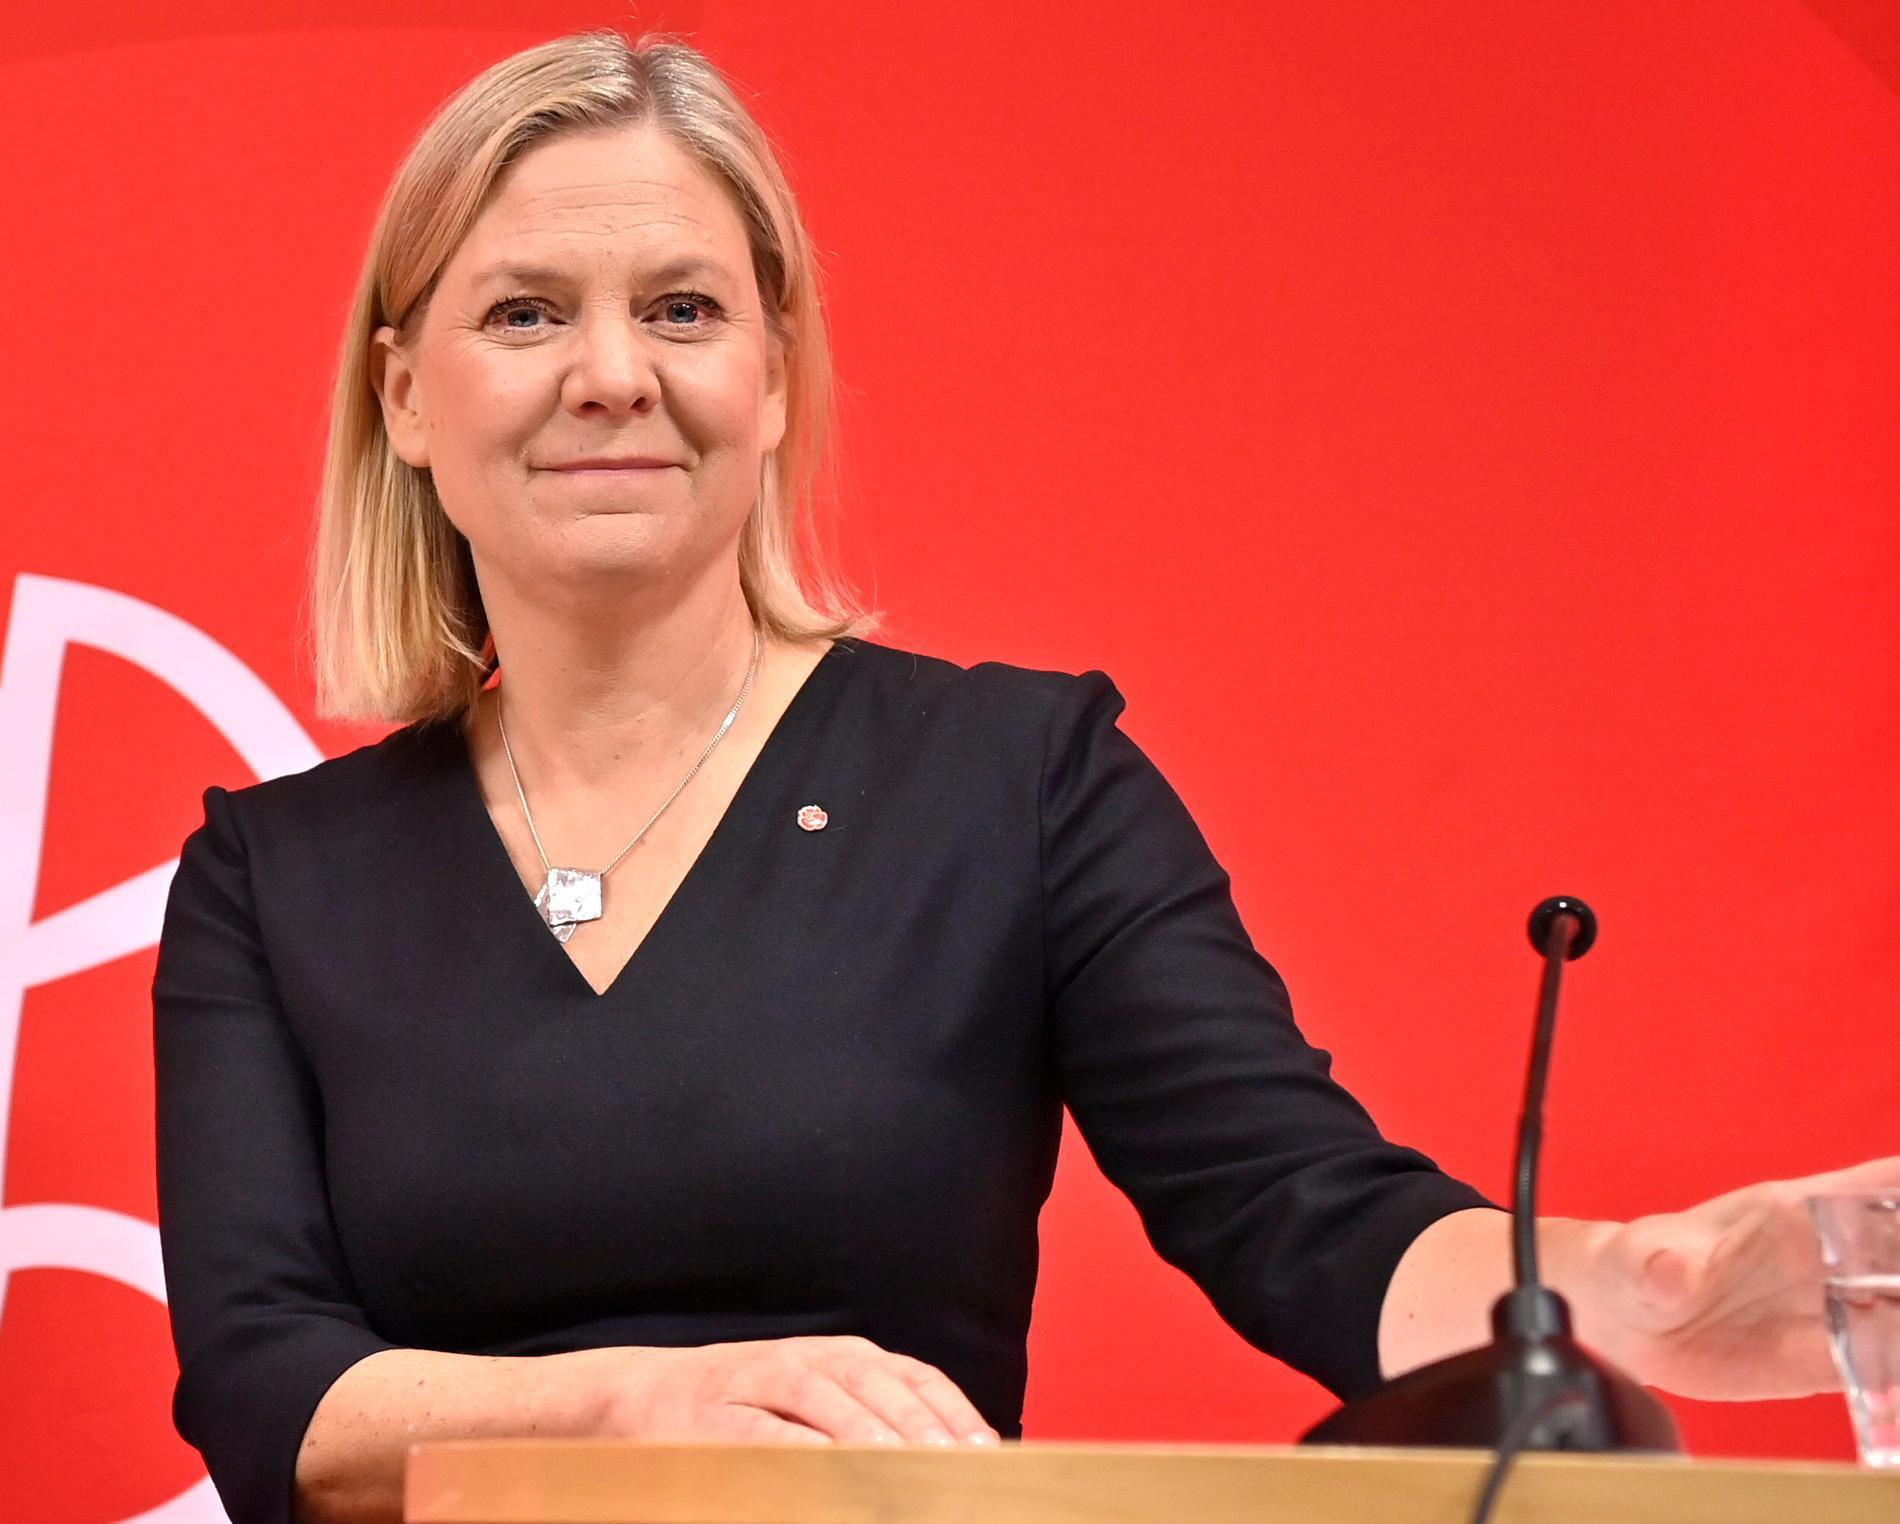 Samtliga S-distrikt har tidigare nominerat Magdalena Andersson som ny partiledare.